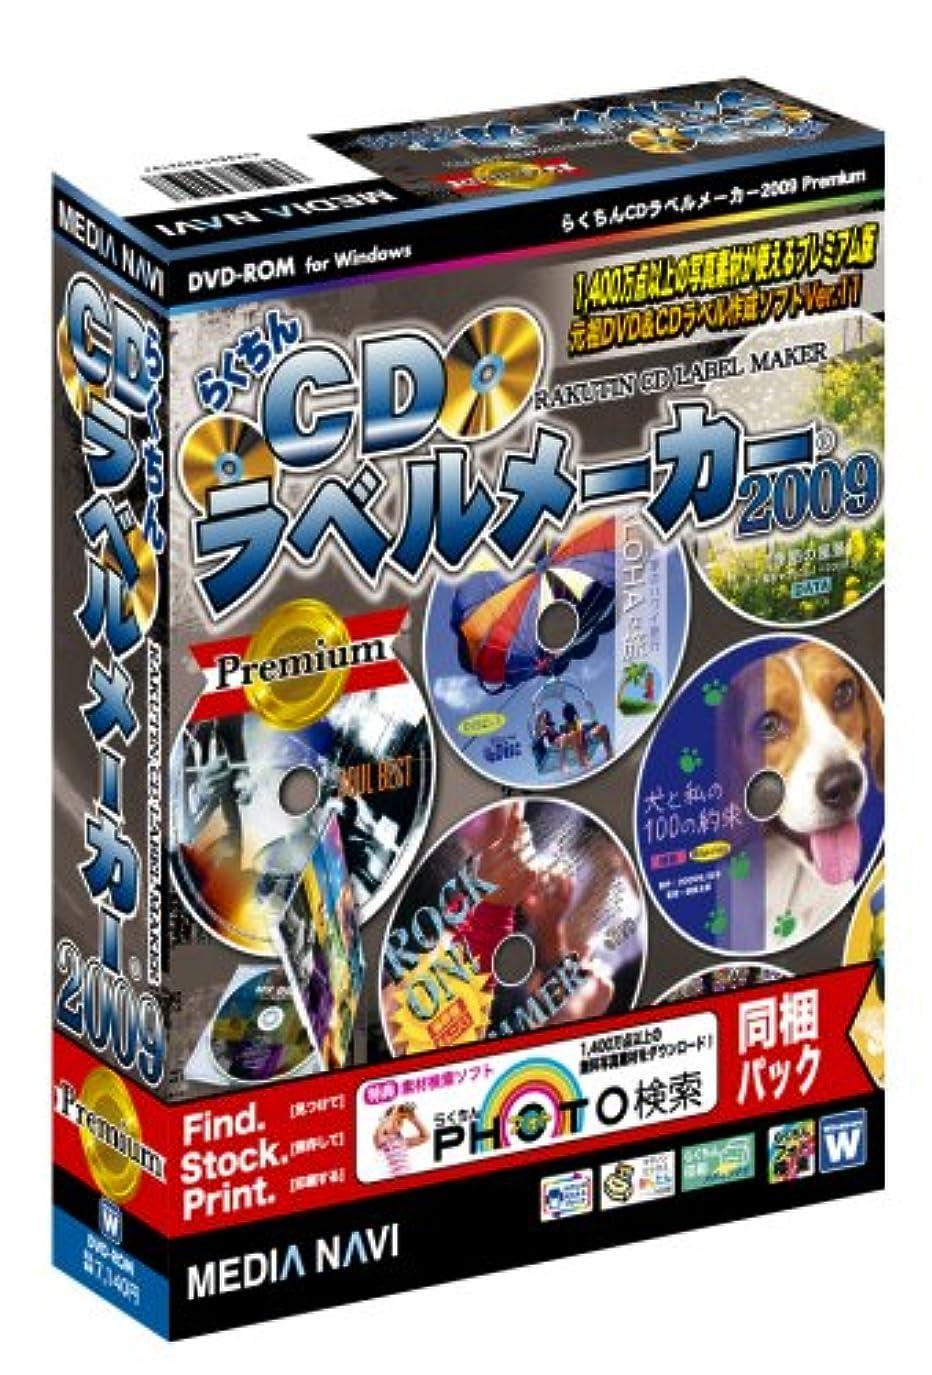 動作身元ジョリーらくちんCDラベルメーカー2009 Premium